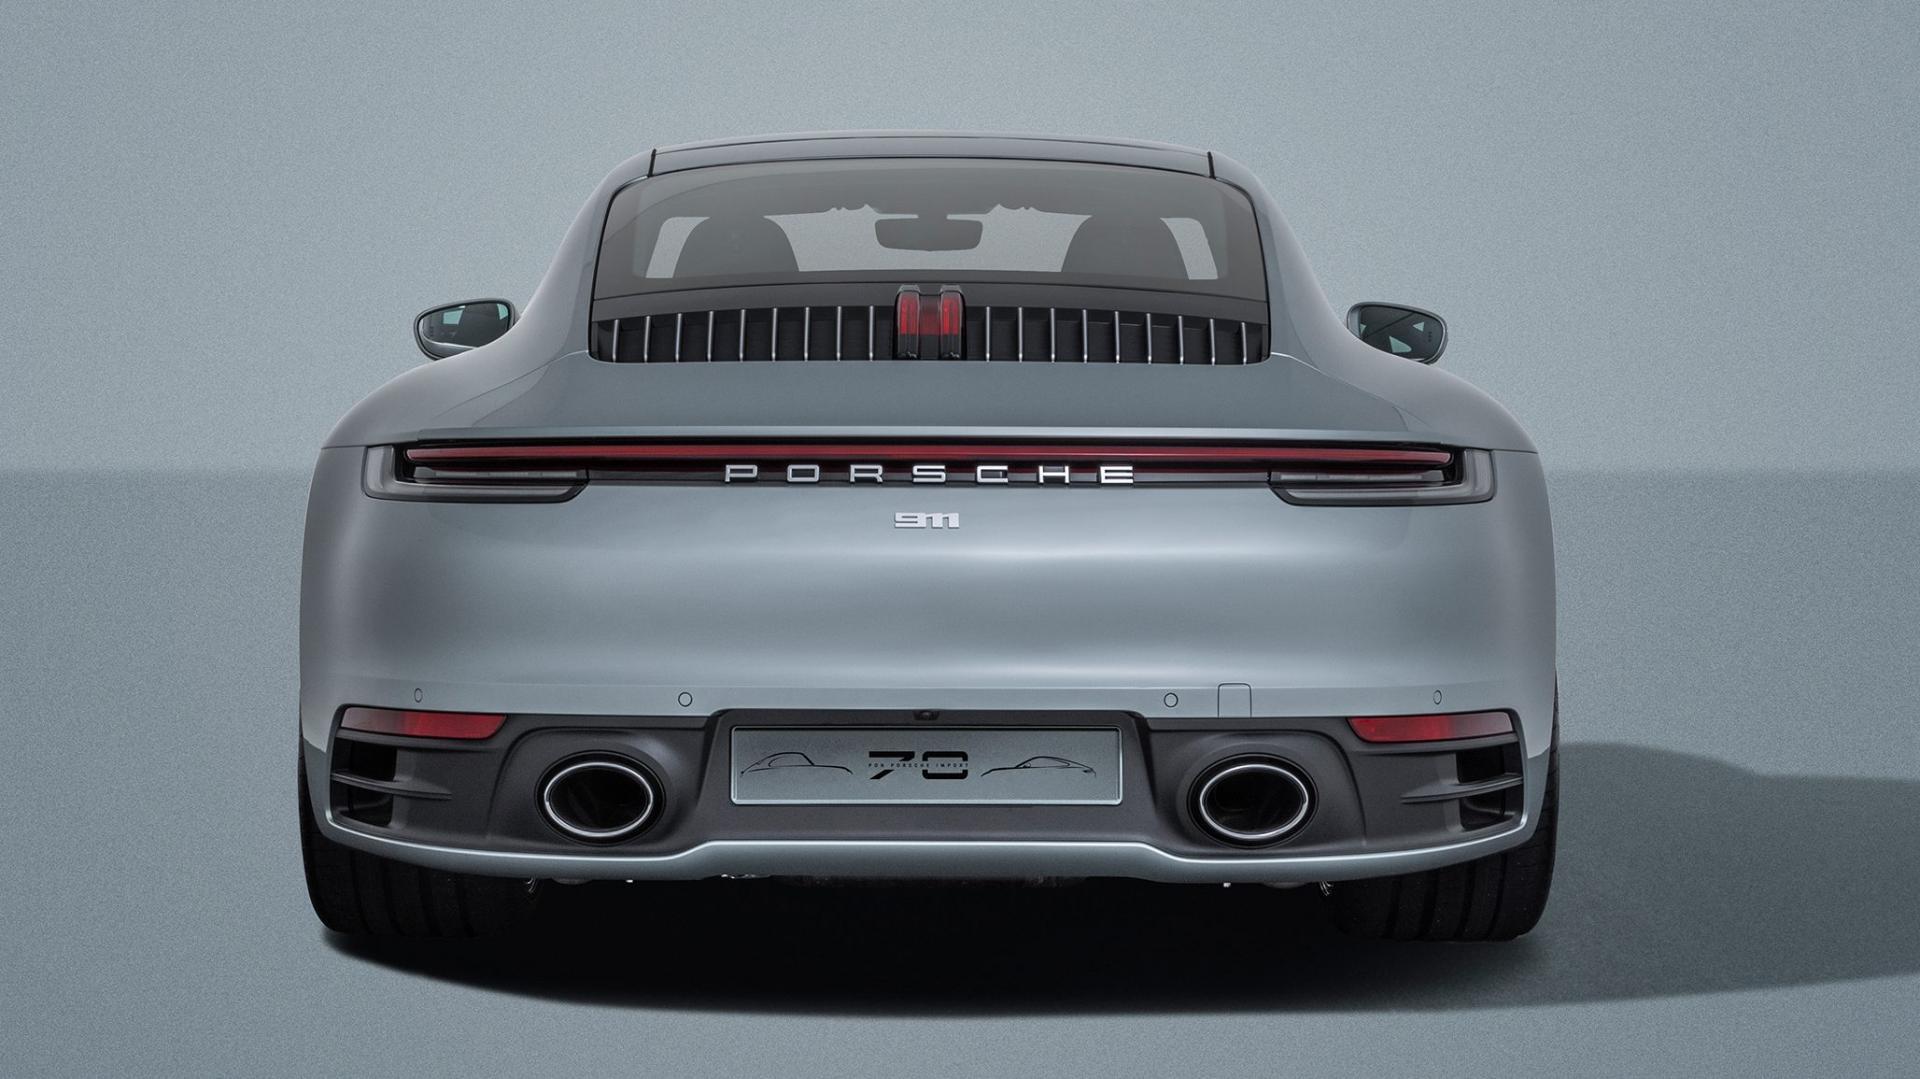 Porsche Carrera 911 4S Ben Pon jr achter ver weg